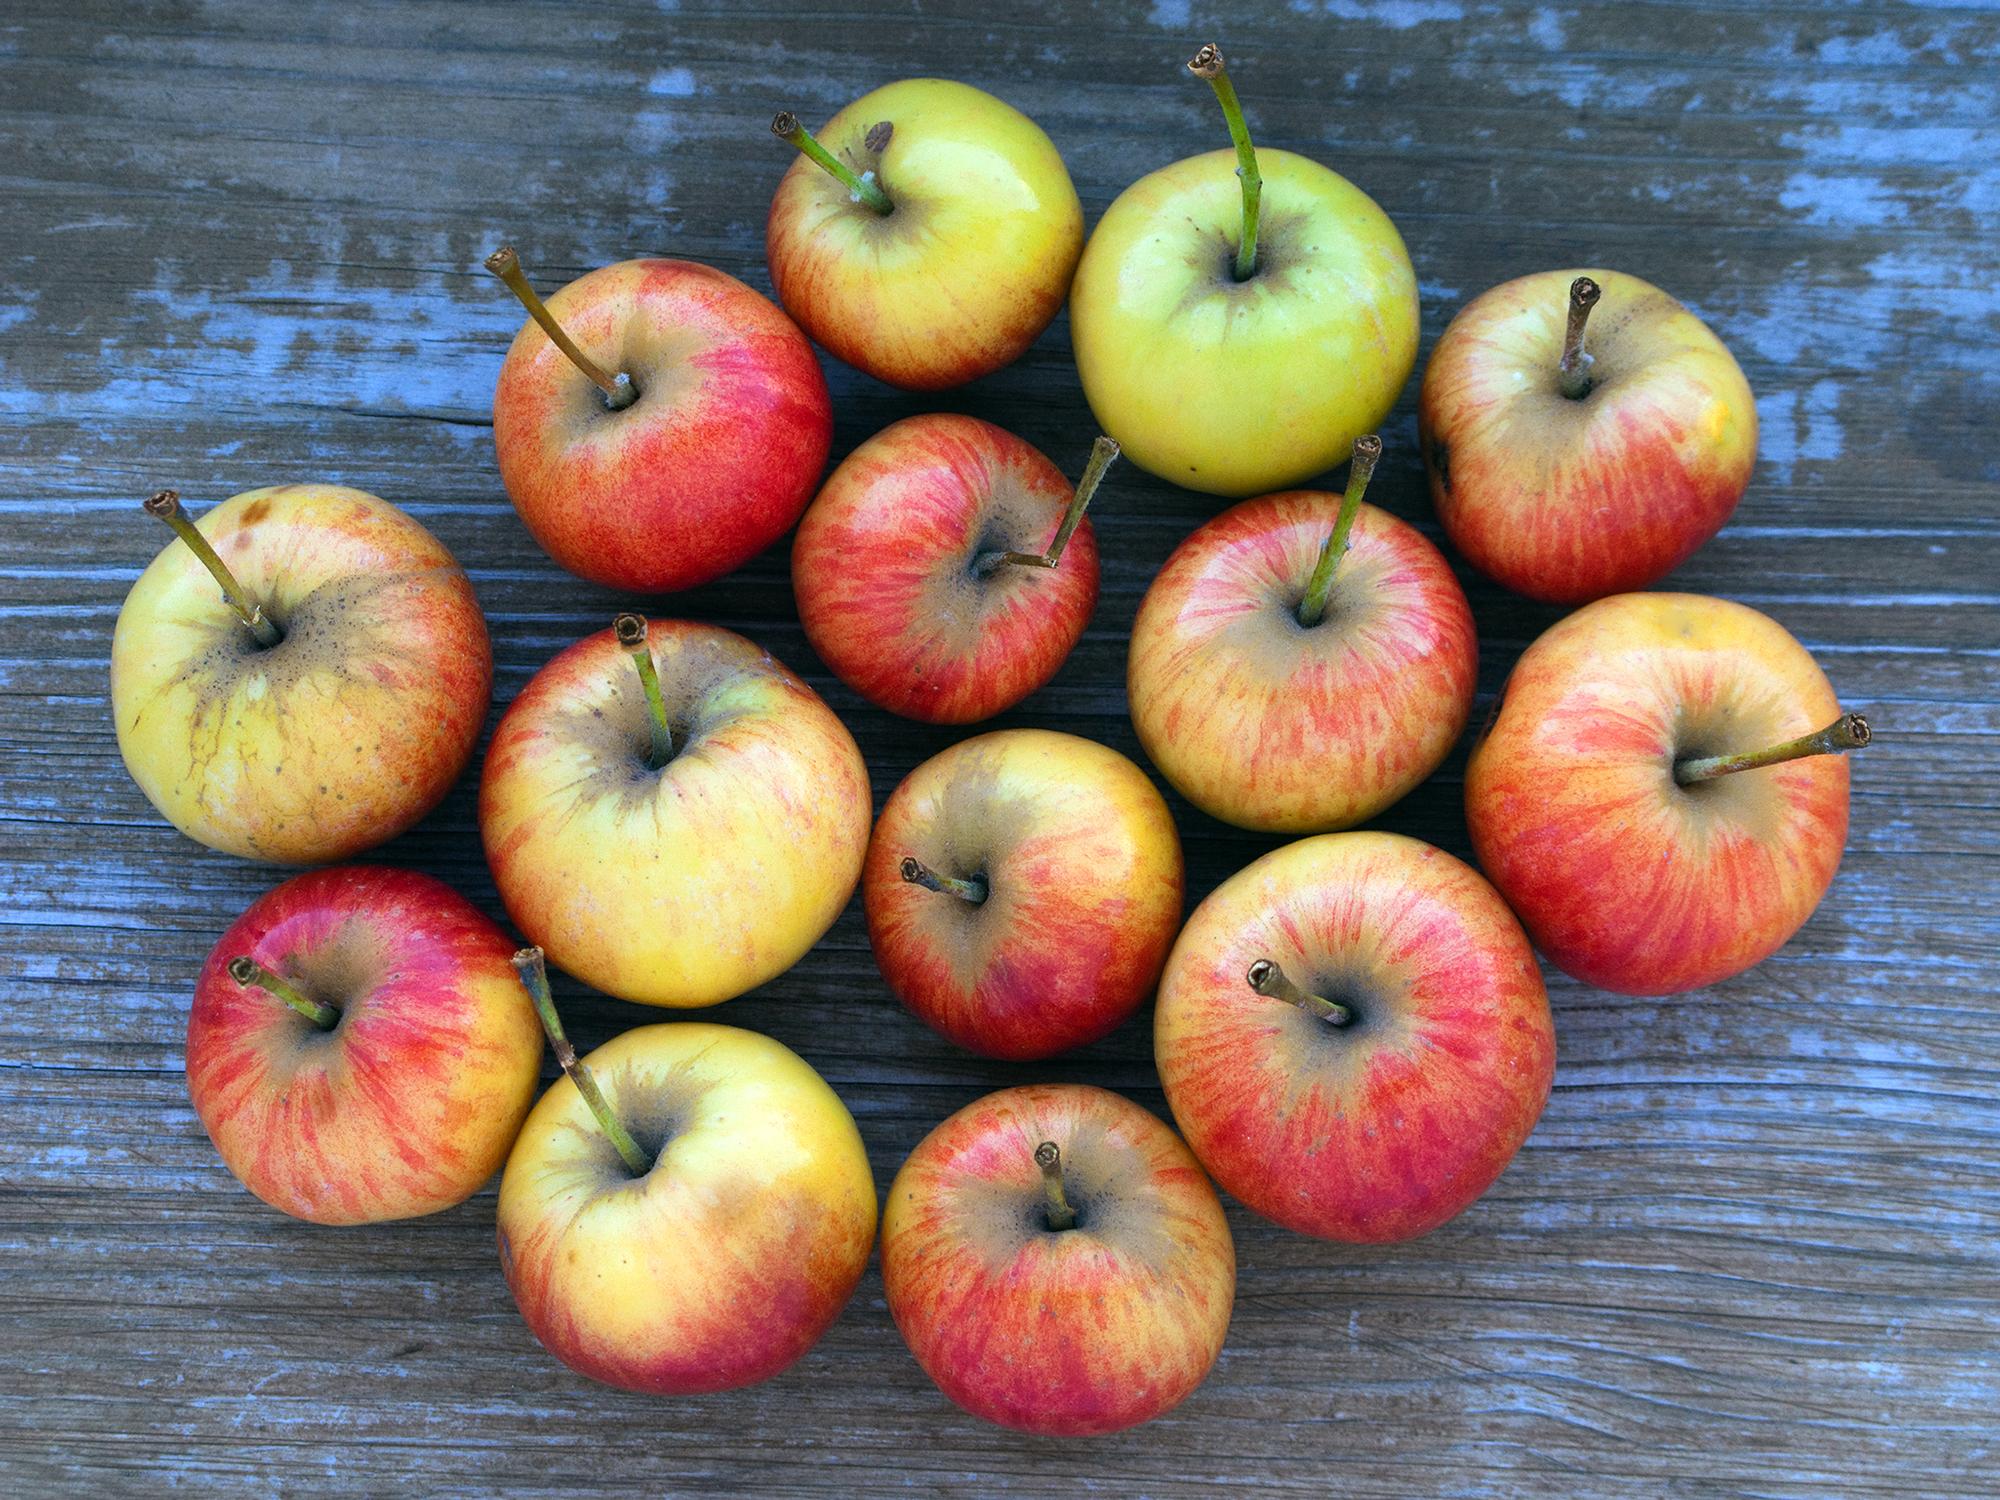 artikler feder frugtsukker lige sa meget som almindeligt sukker